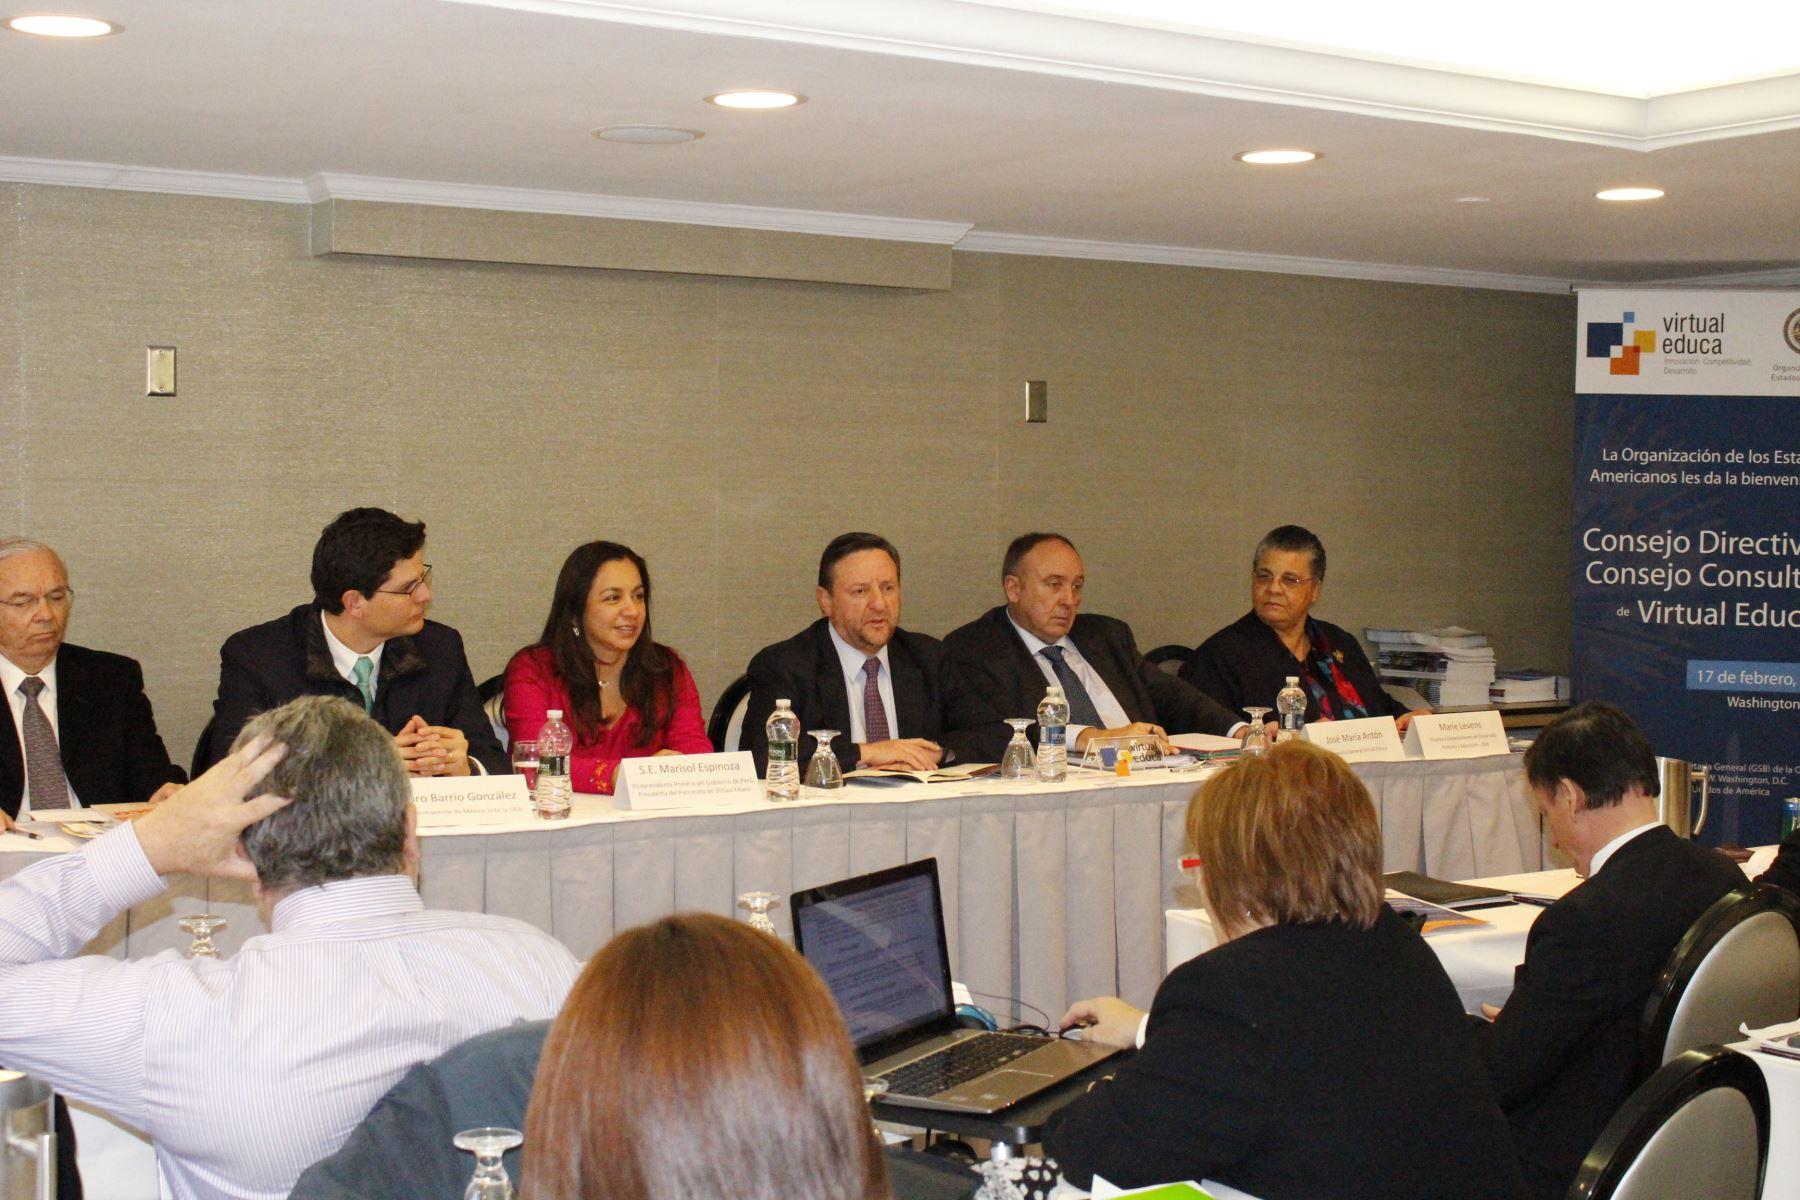 Vicepresidenta del Perú, Marisol Espinoza, participa en la reunión anual del Consejo Consultivo y Consejo Directiva de Virtual Educa, que se realiza en Washington, Estados Unidos. Difusión